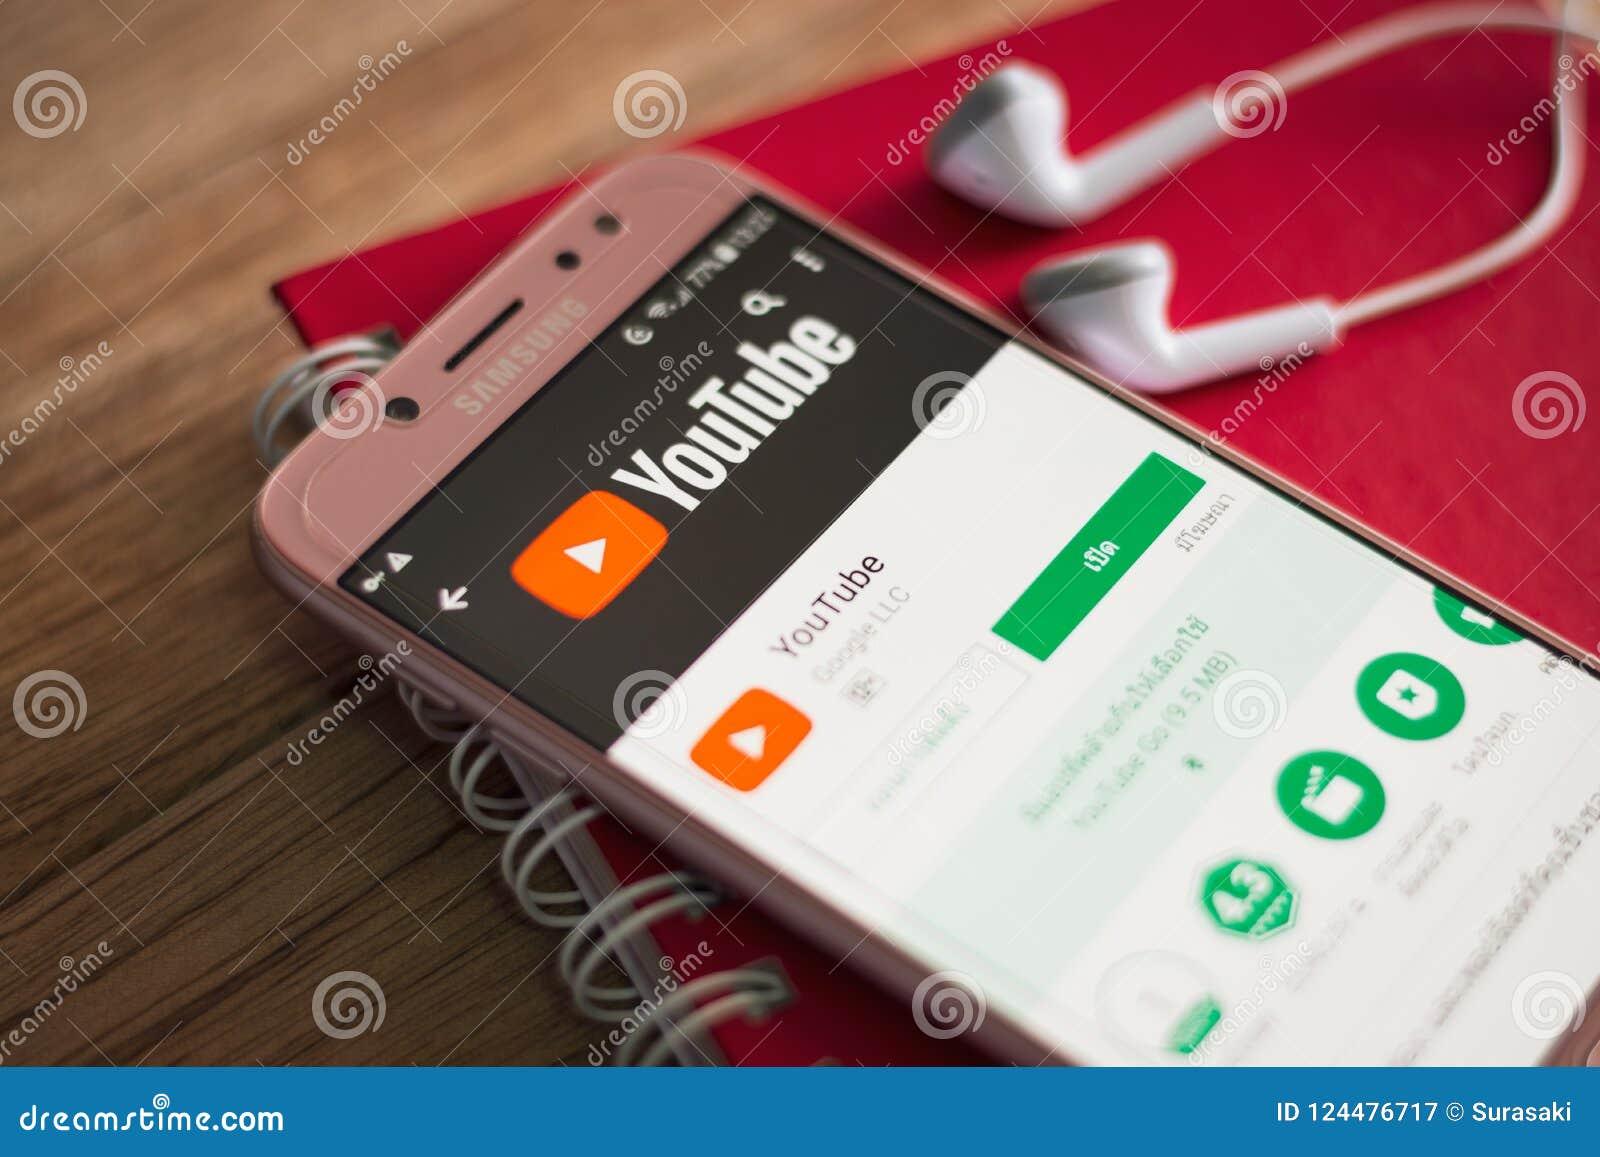 PHUKET, THAILAND - AUGUST 23, 2018 : Smartphone Samsung